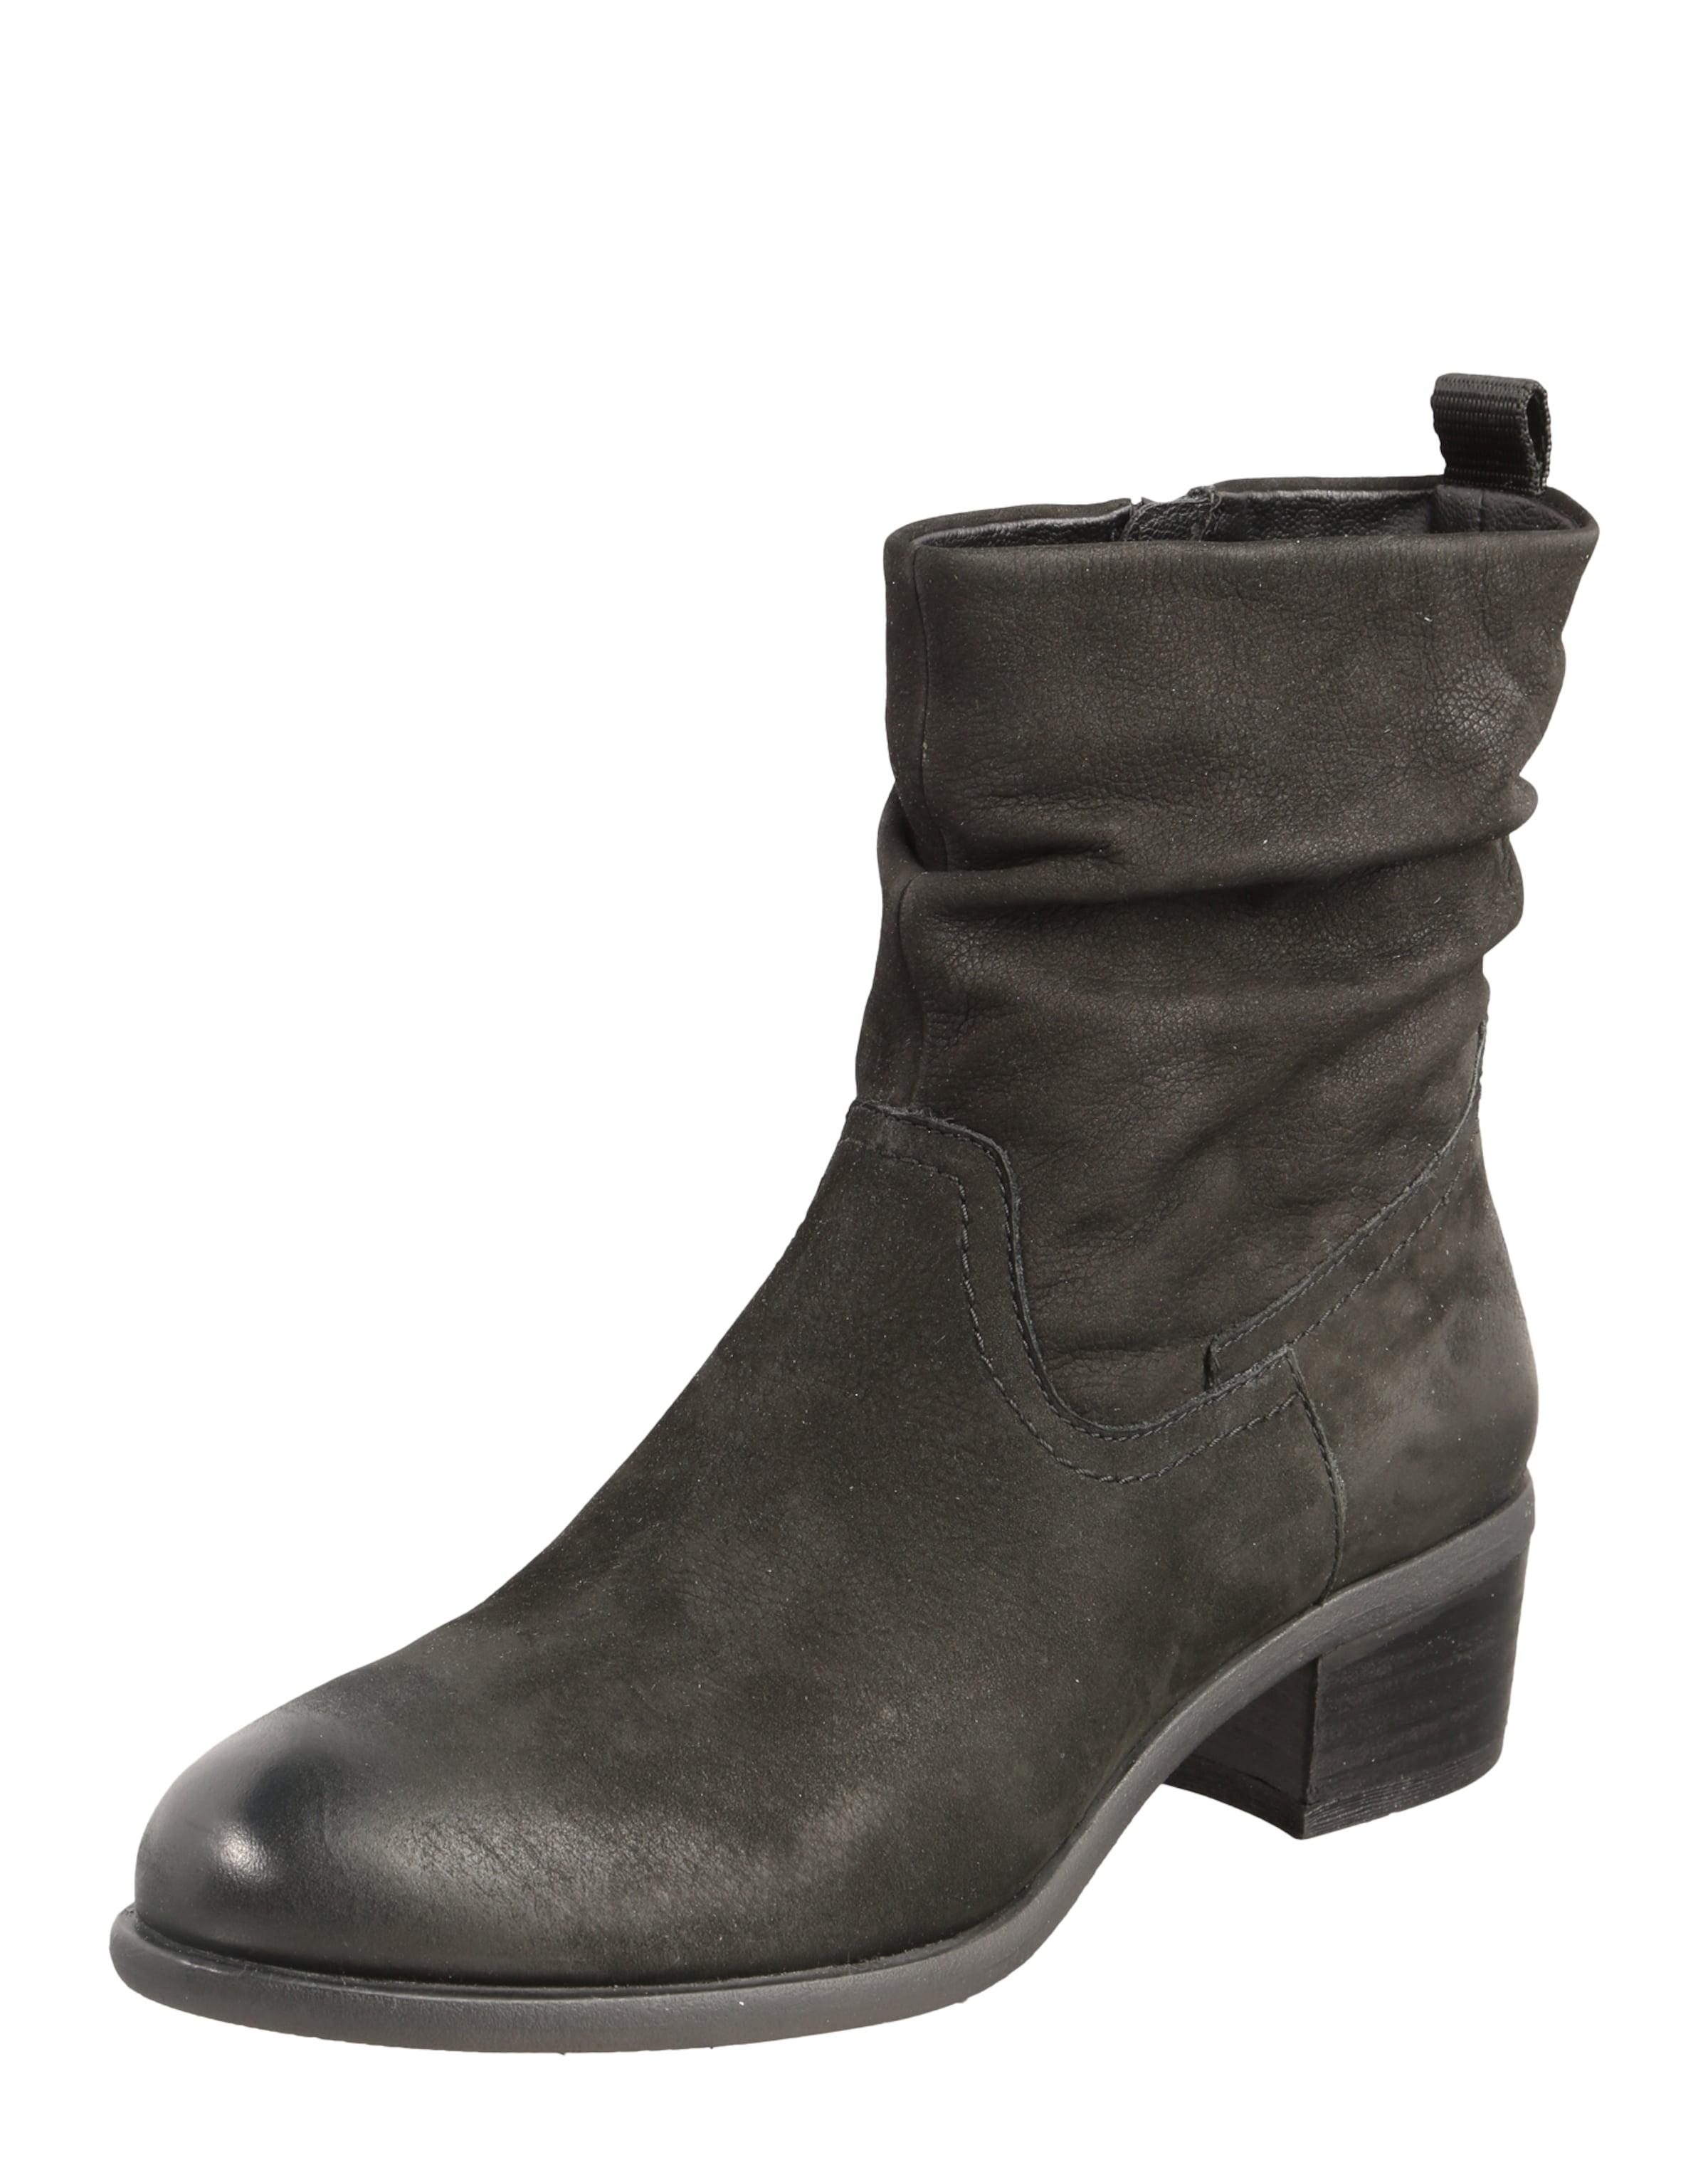 SPM Ankle Boots 'Odette' aus Leder Günstig Kaufen Browse Spielraum Online Rabatt Zum Verkauf Rabatt Vermarktbare Geniue Händler RFpo0m9u0